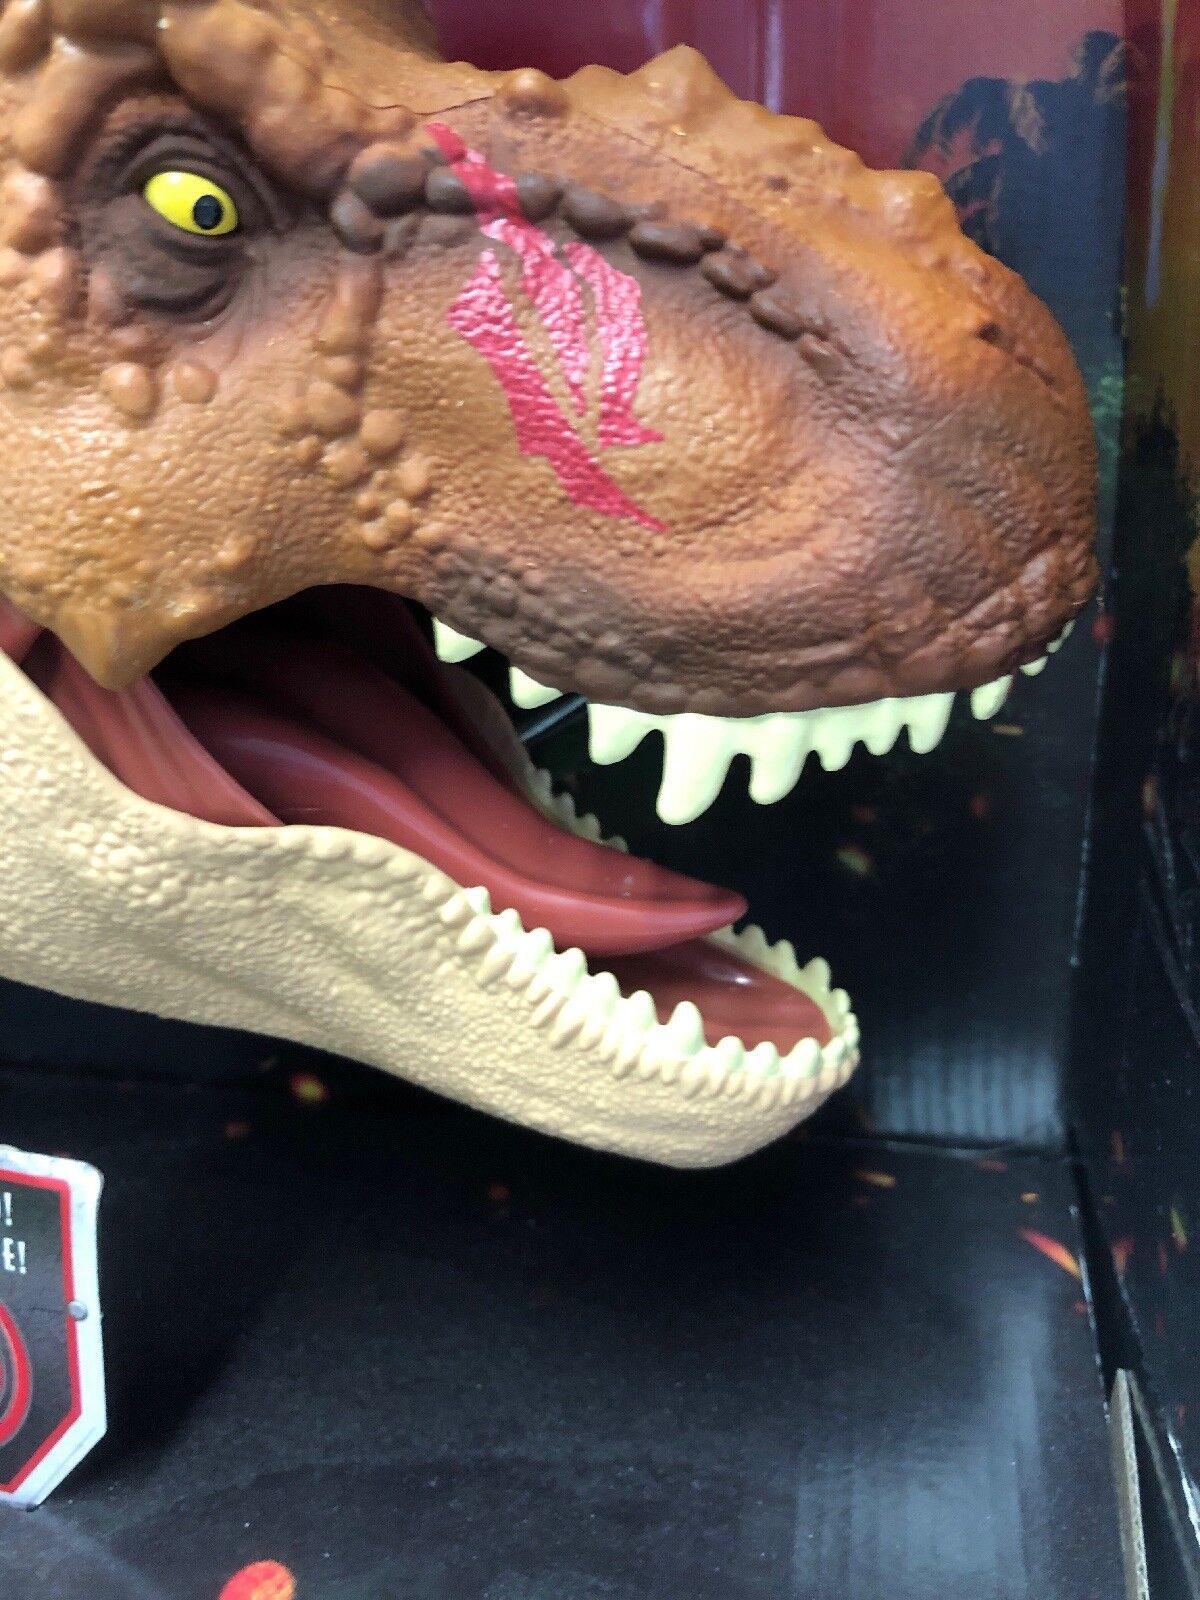 Tiranosaurio Dinosaurio Rex Jurassic World daño de batalla Roaring T-Rex enorme